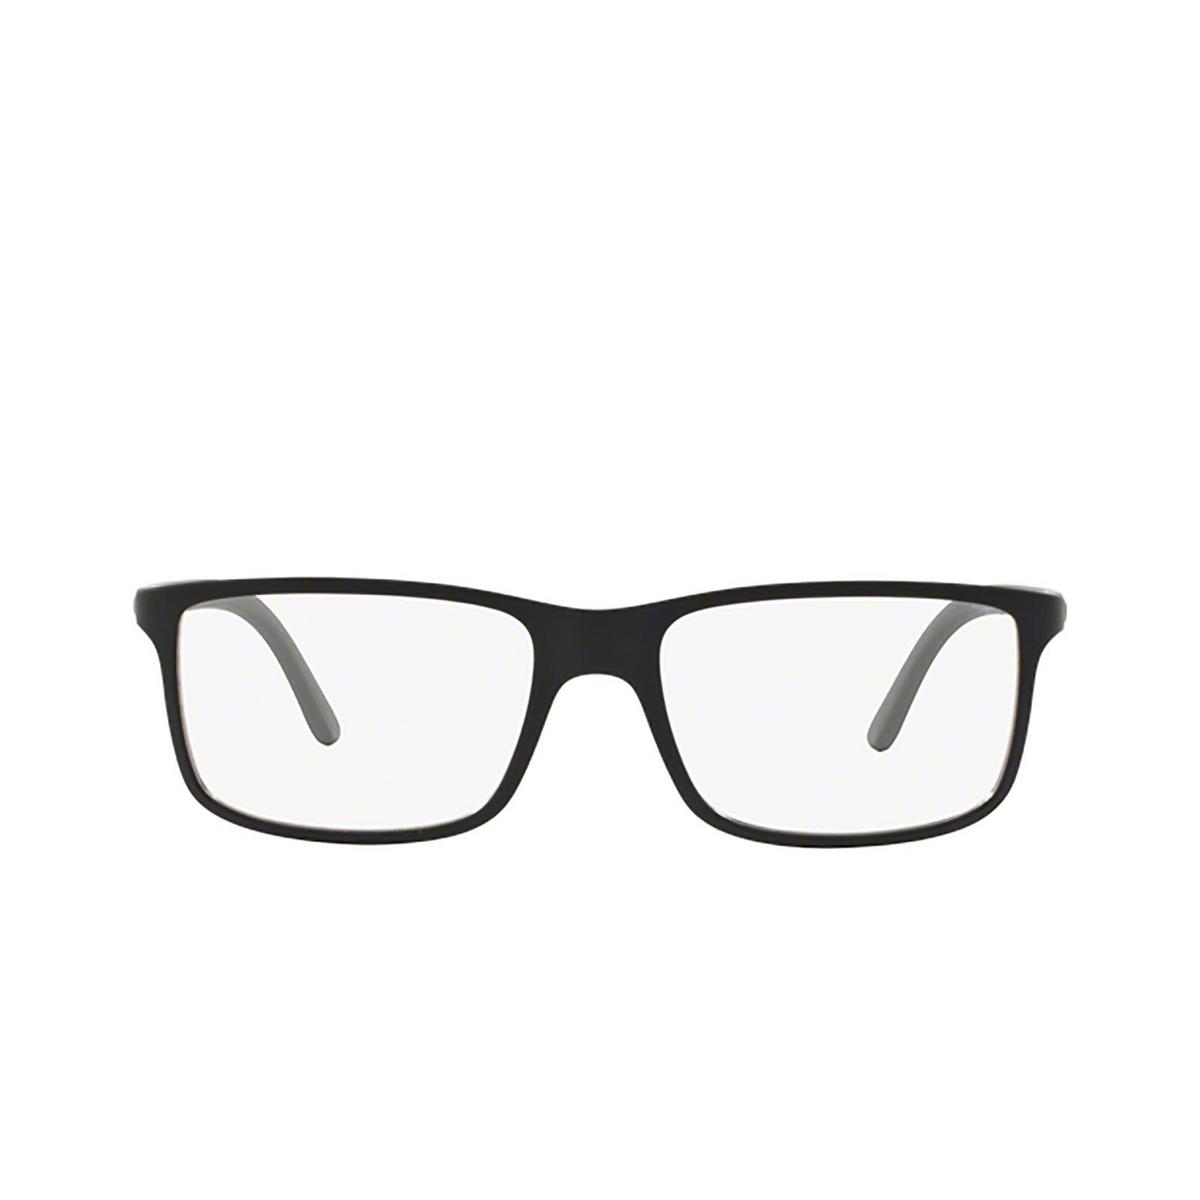 Polo Ralph Lauren® Rectangle Eyeglasses: PH2126 color Matte Black 5534 - front view.